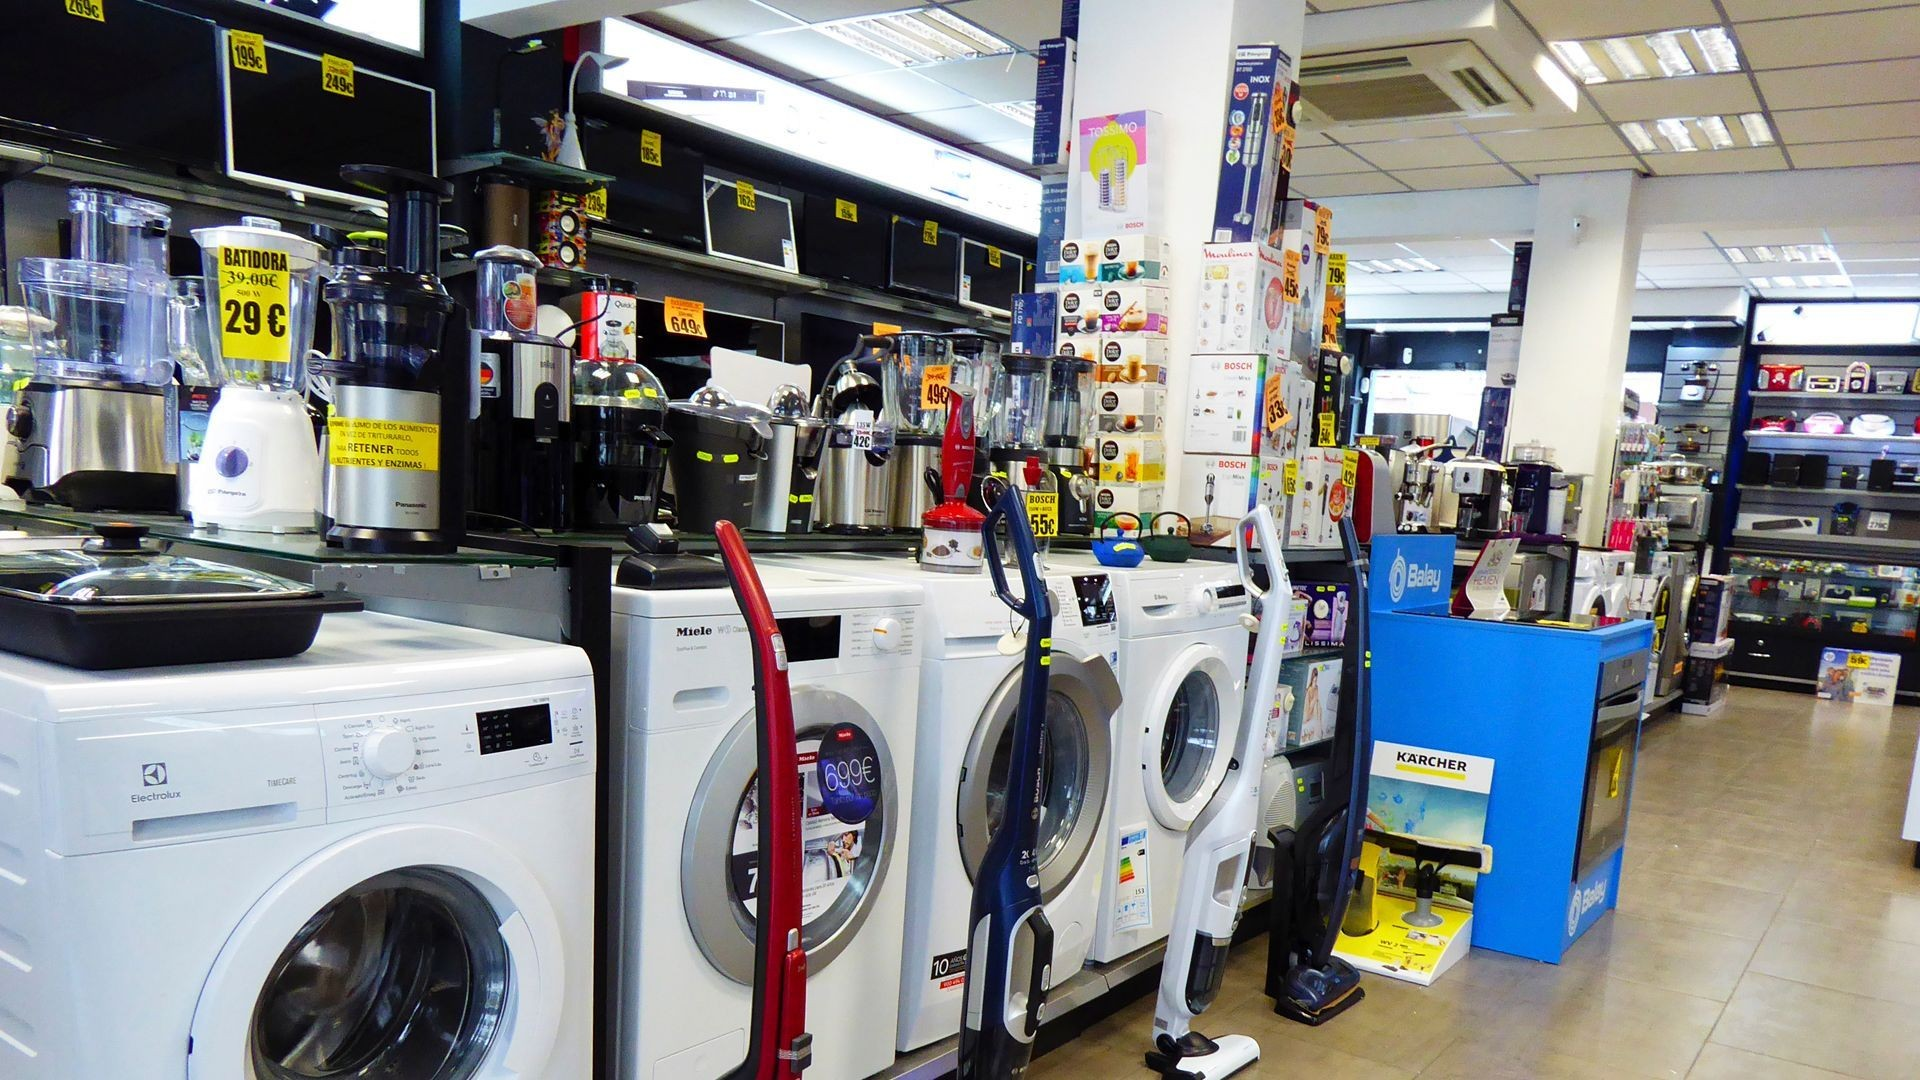 Venta de electrodomésticos en Orio